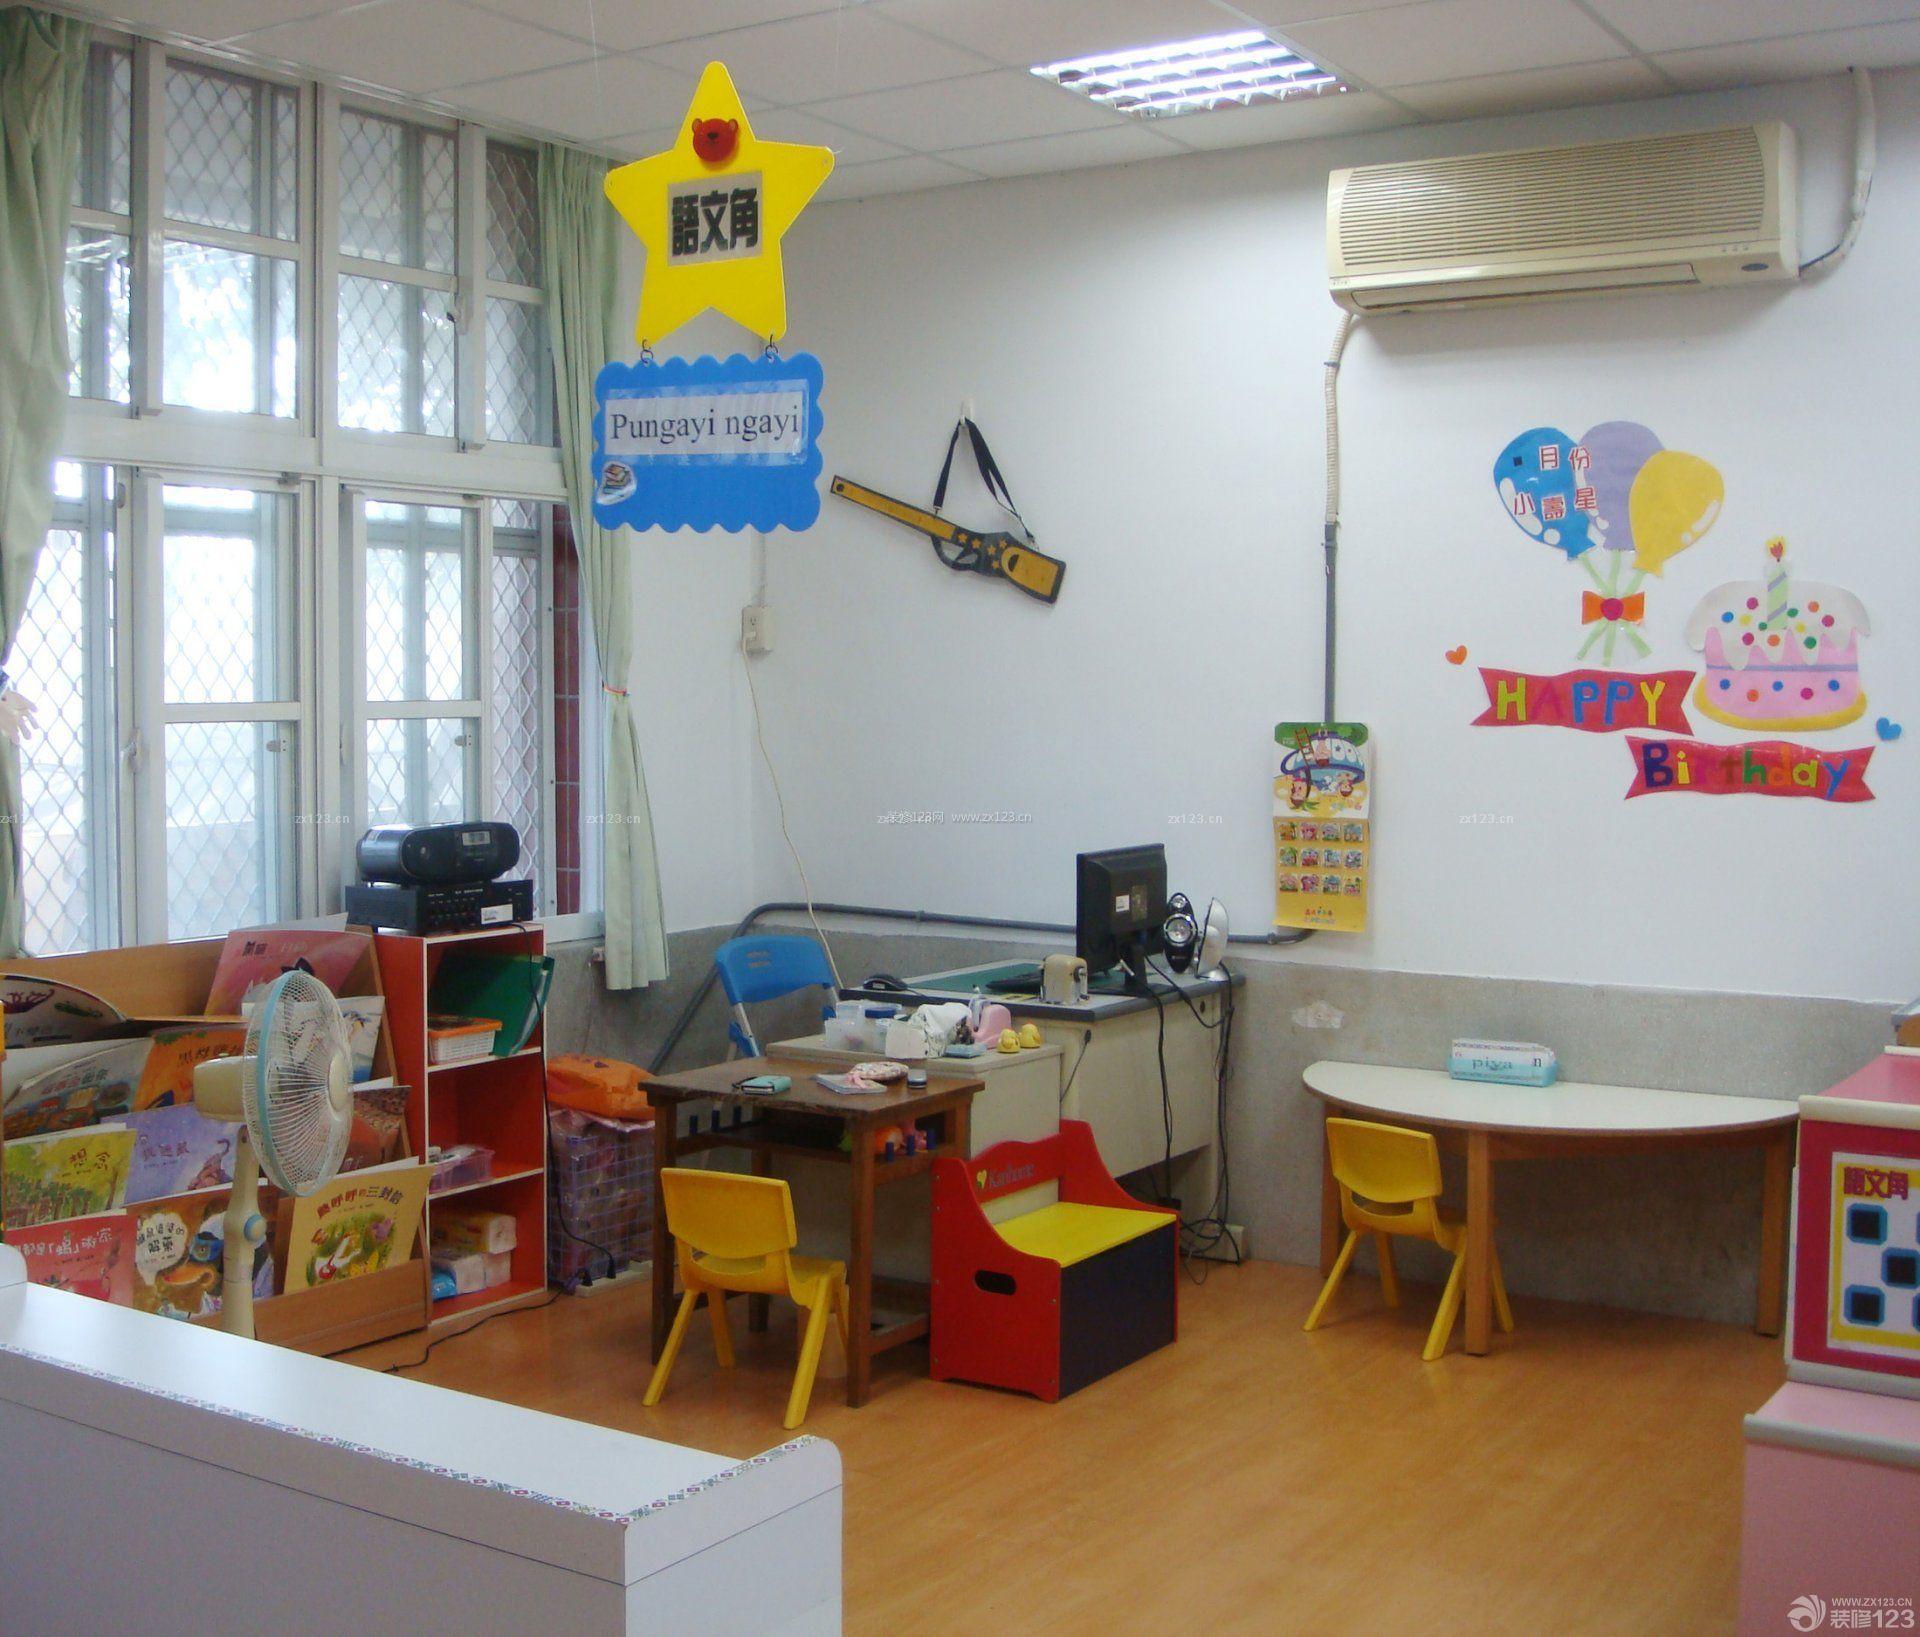 幼儿园室内棕黄色木地板装修效果图样